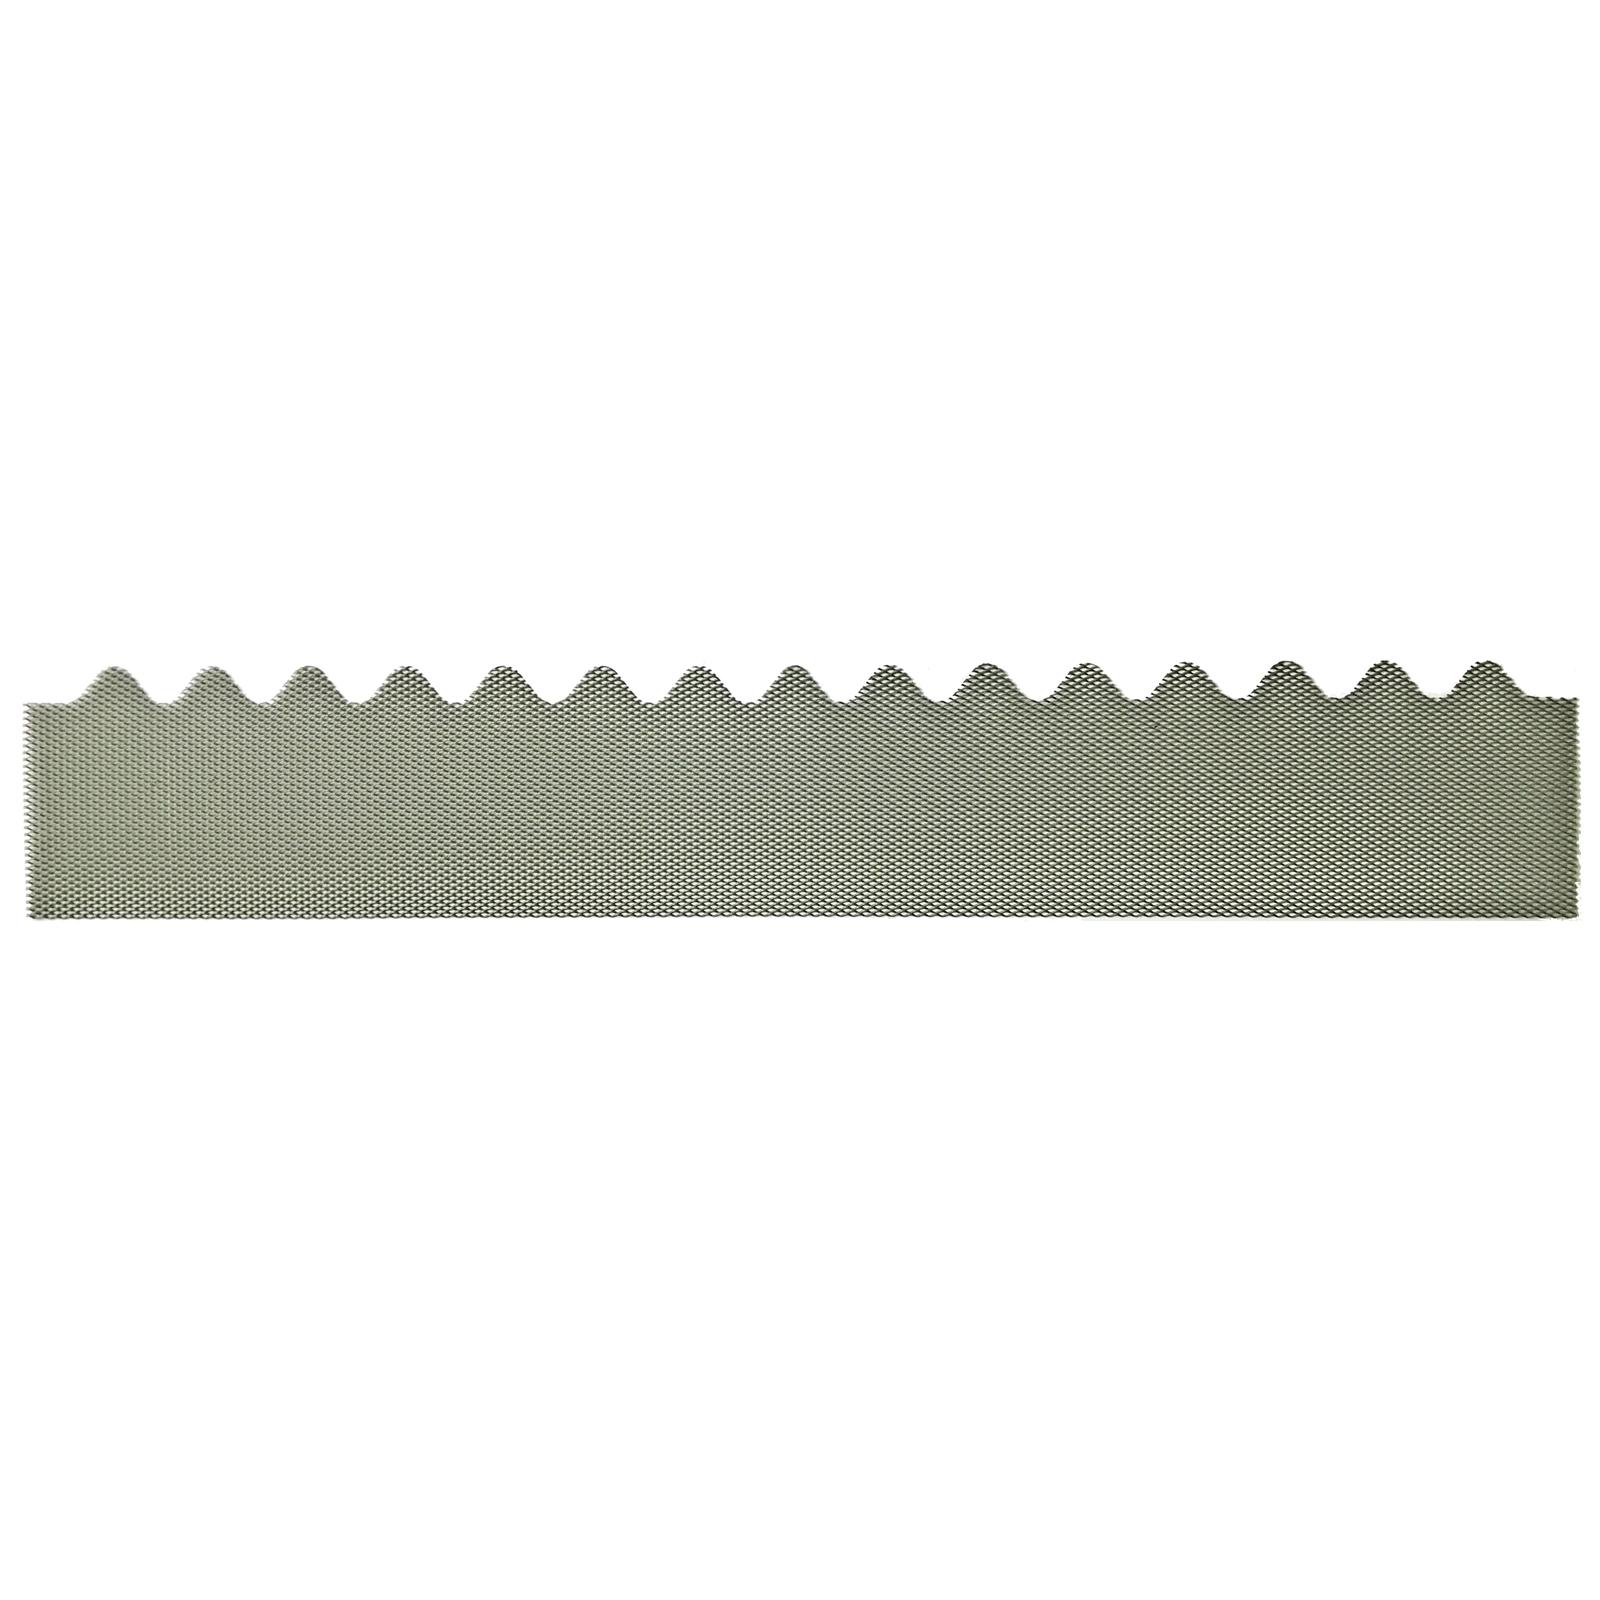 GumLeaf 1200mm Colorbond Metal Corrugated Gutter Guard - Terrain